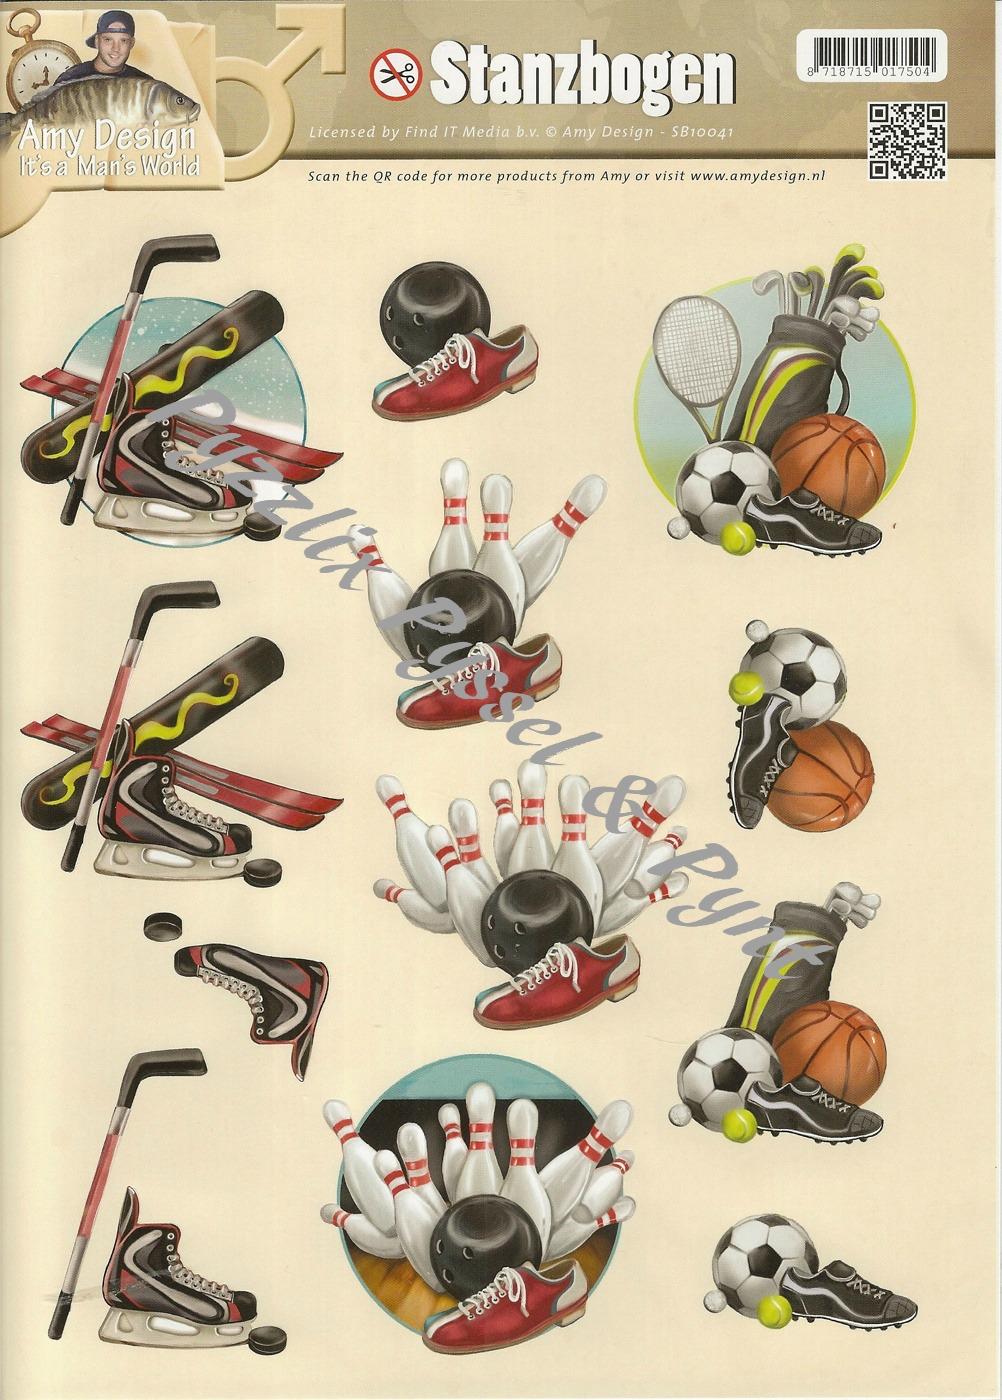 Amy design 3D Utstansat - Sportmotiv